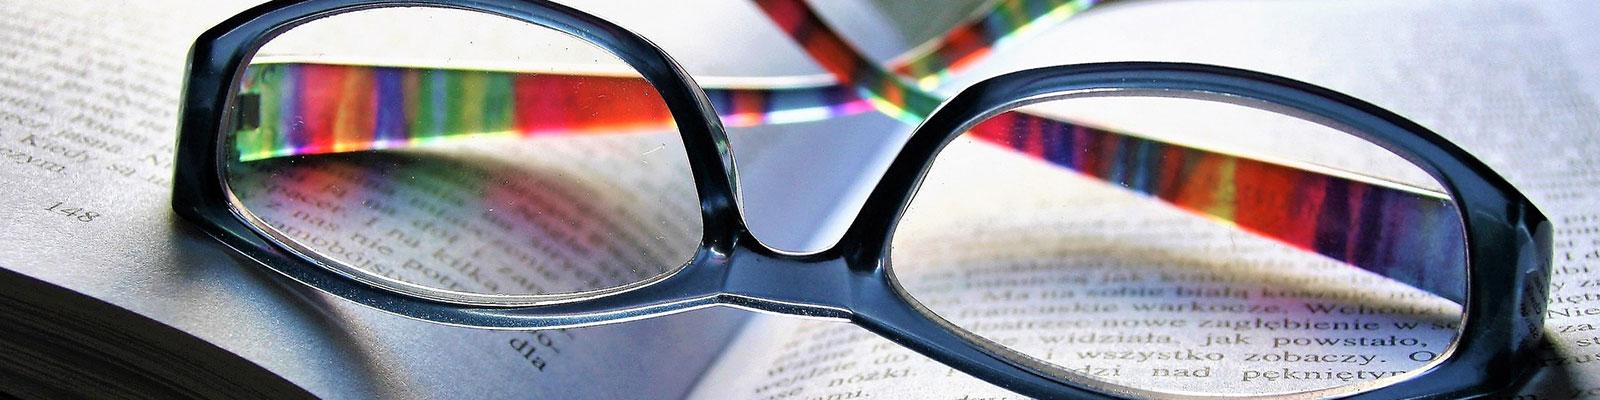 Sehhilfen und Brillen